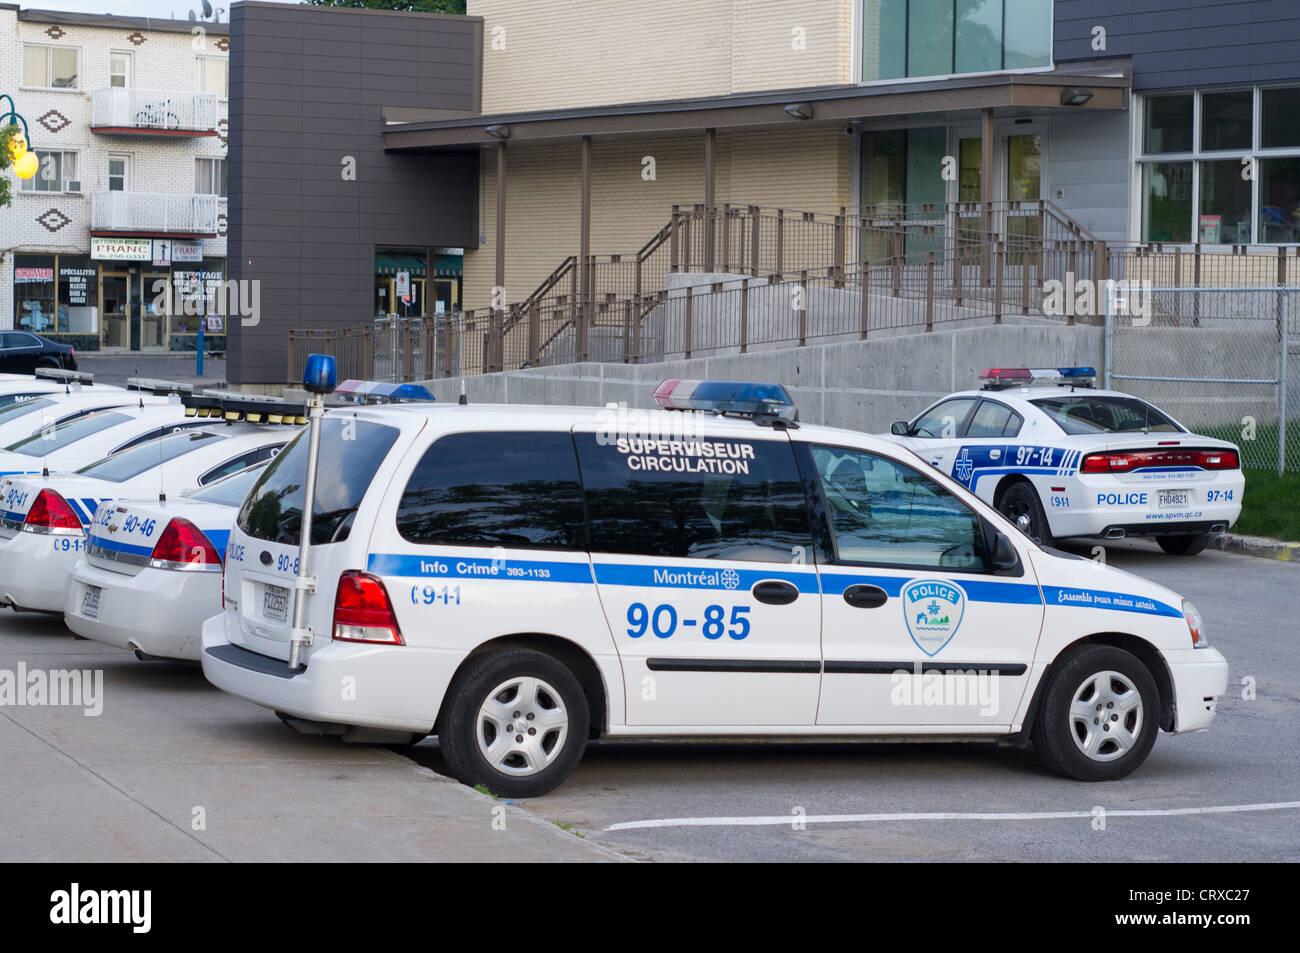 Montreal police station 90 parking, St-Leonard , Quebec ...